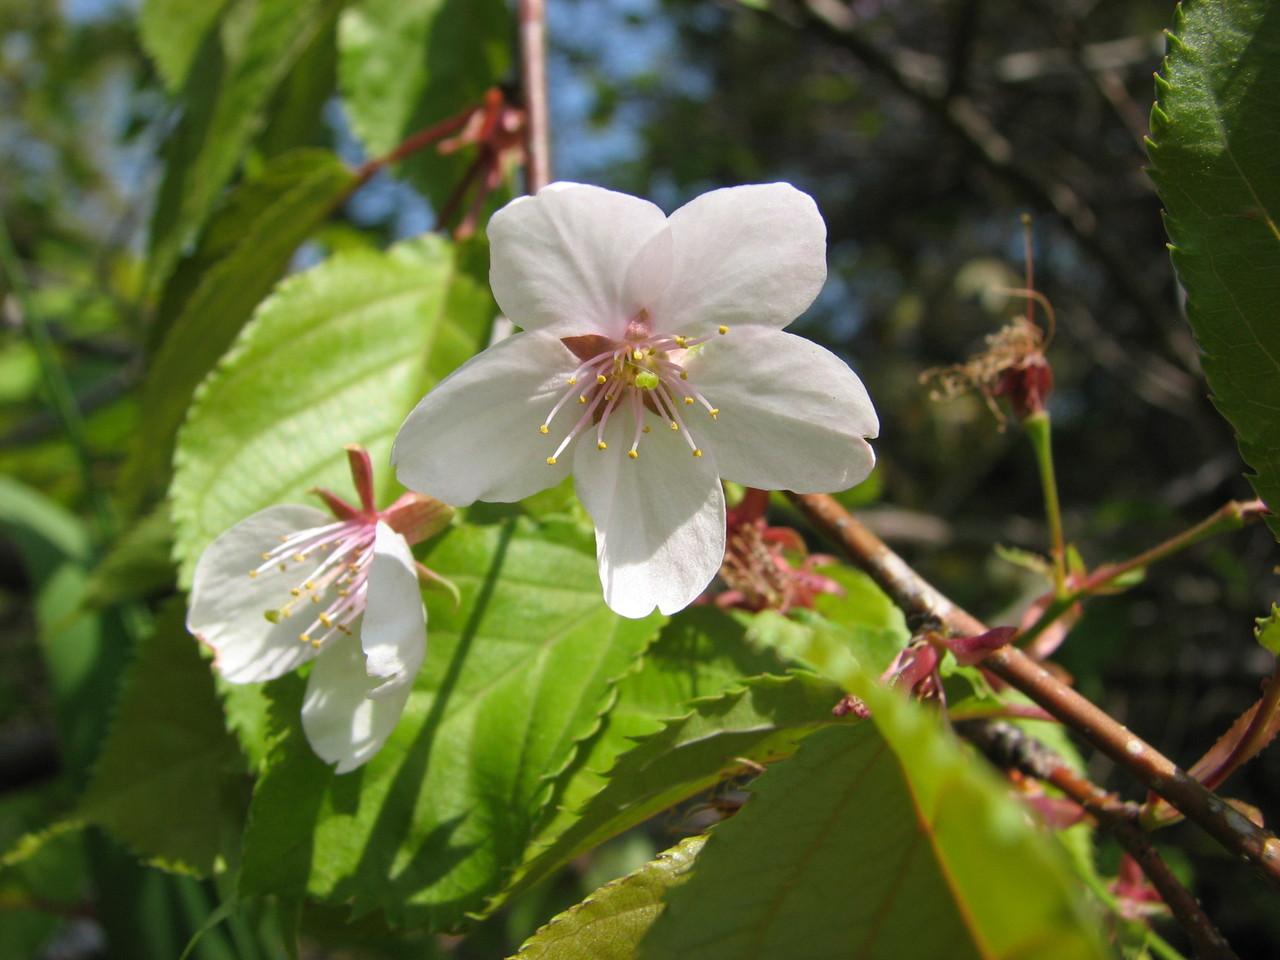 ヤマザクラ(バラ科) Prunus jamasakura